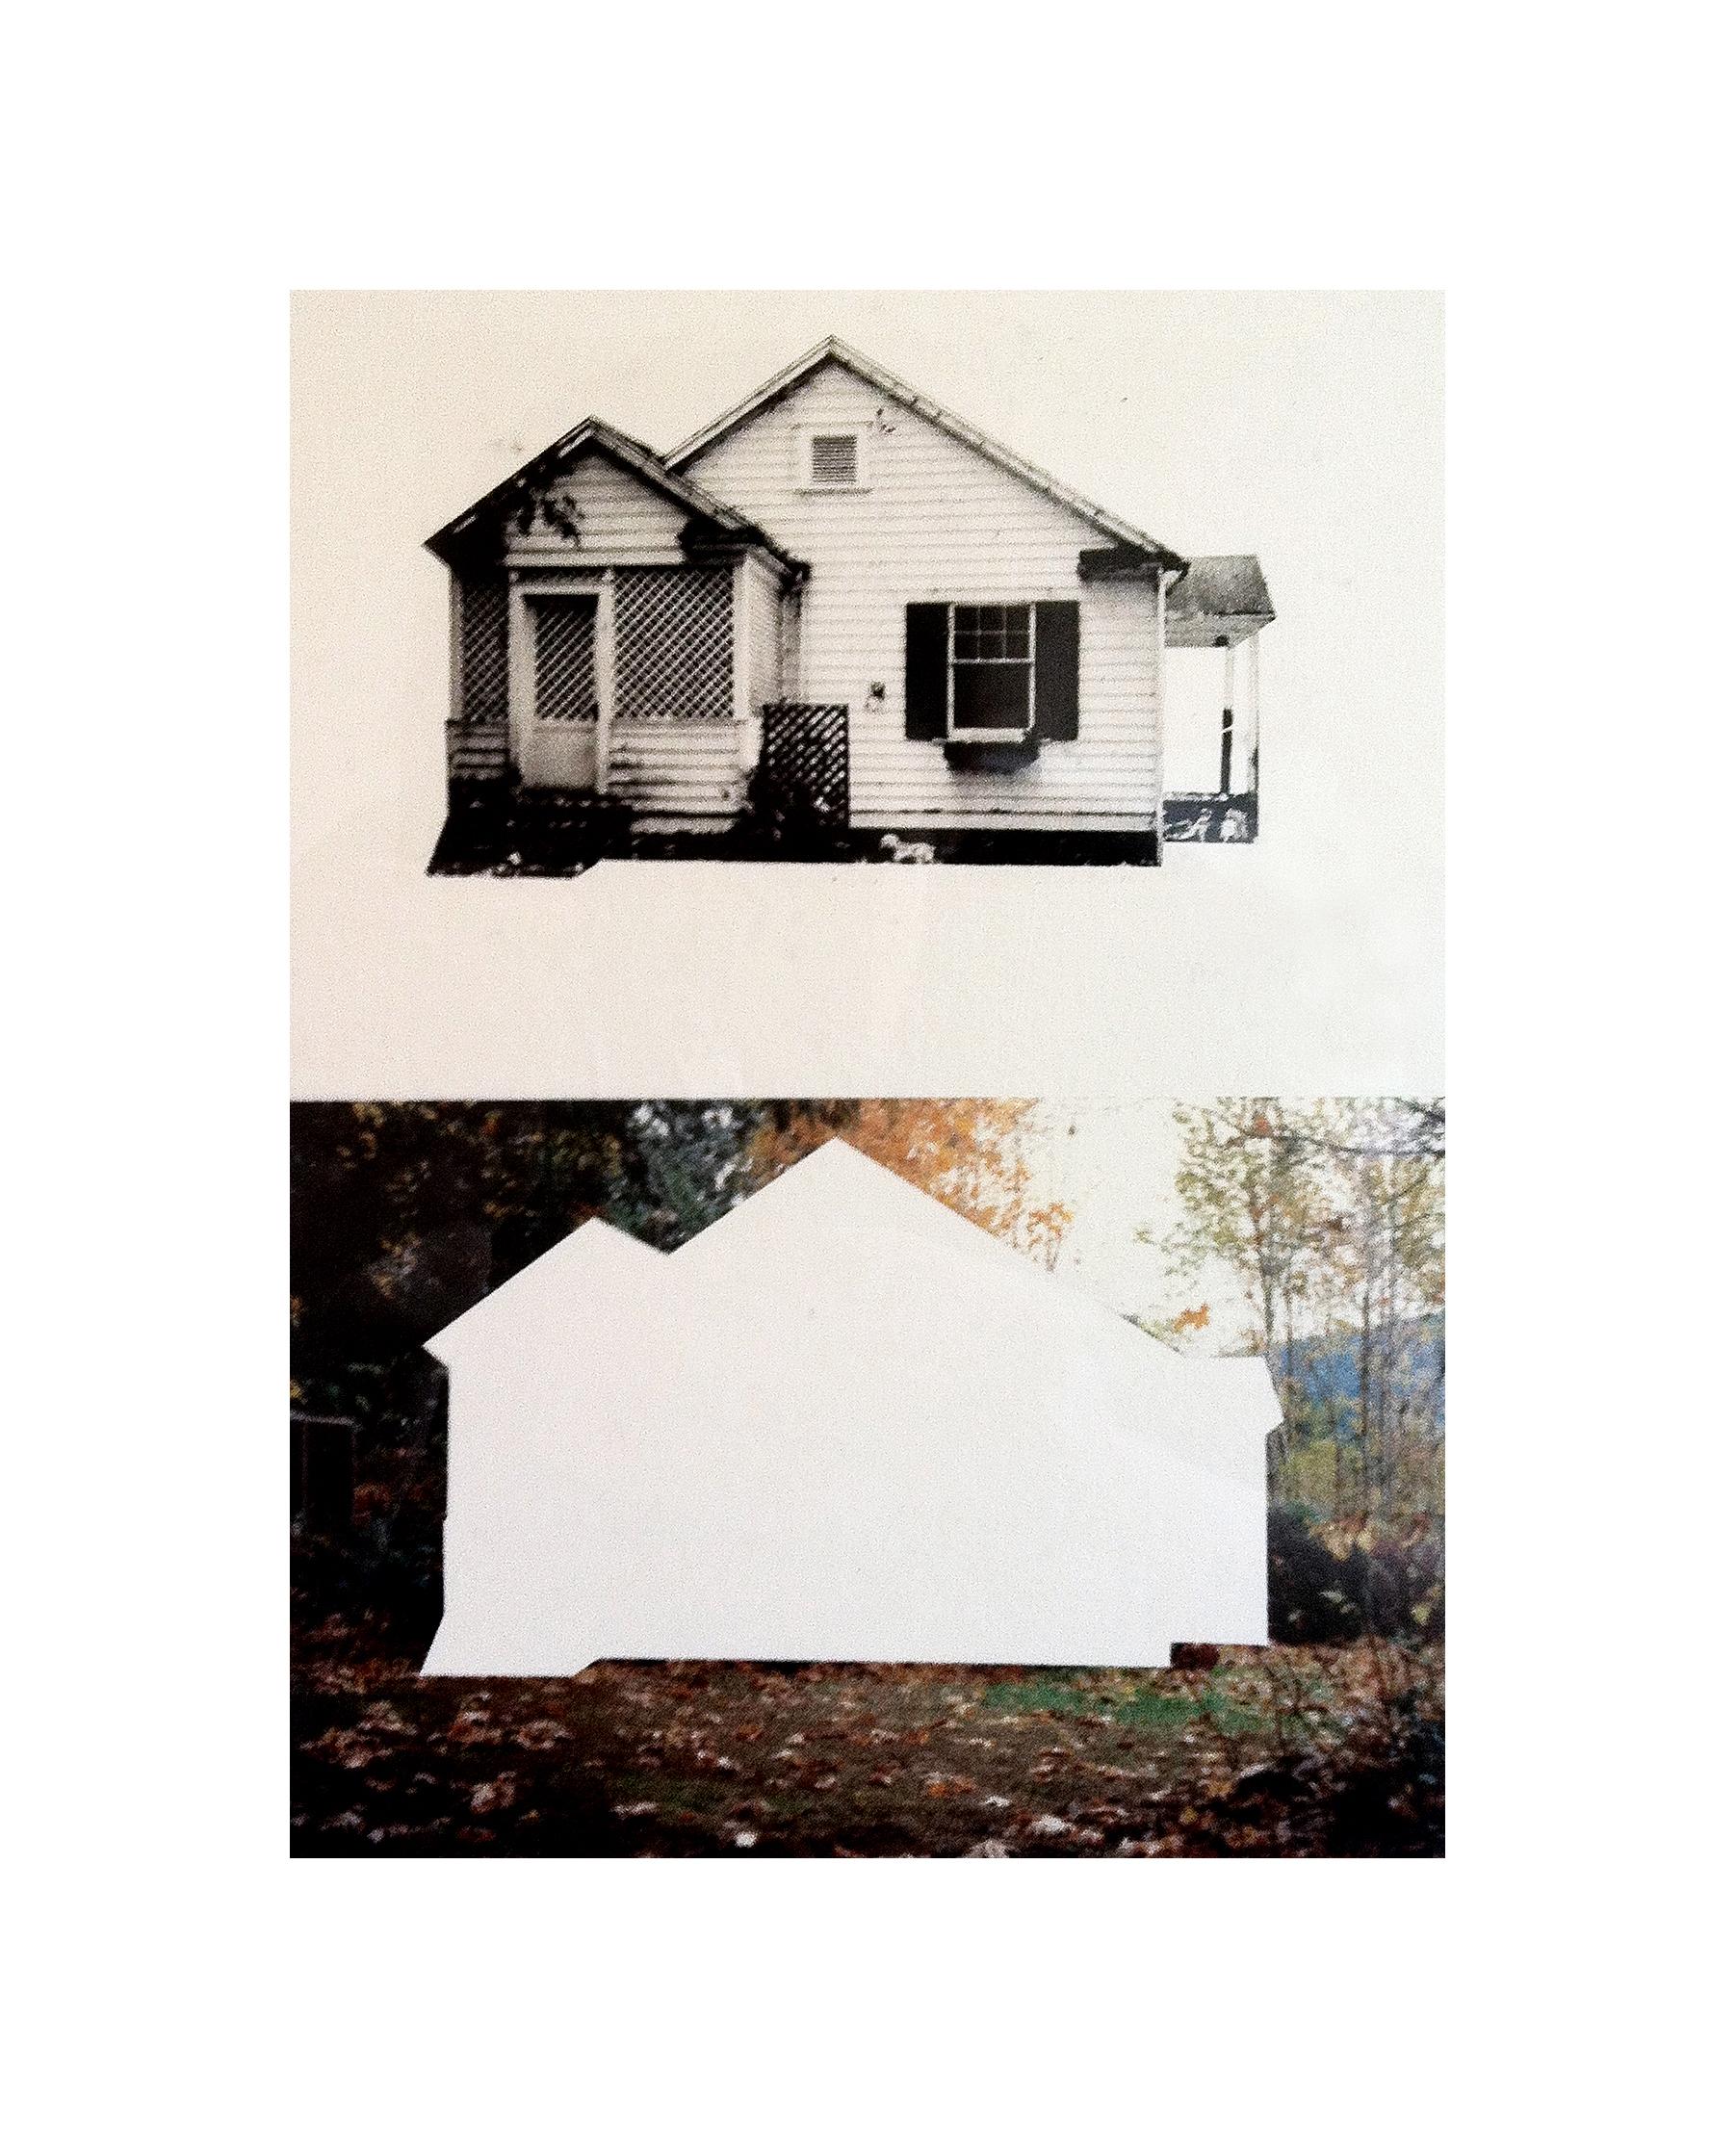 """Cabin Cutouts: Caretaker's cottage in Crippen Park   Intaglio, digital, chine colle  11"""" x 15"""" 2013"""